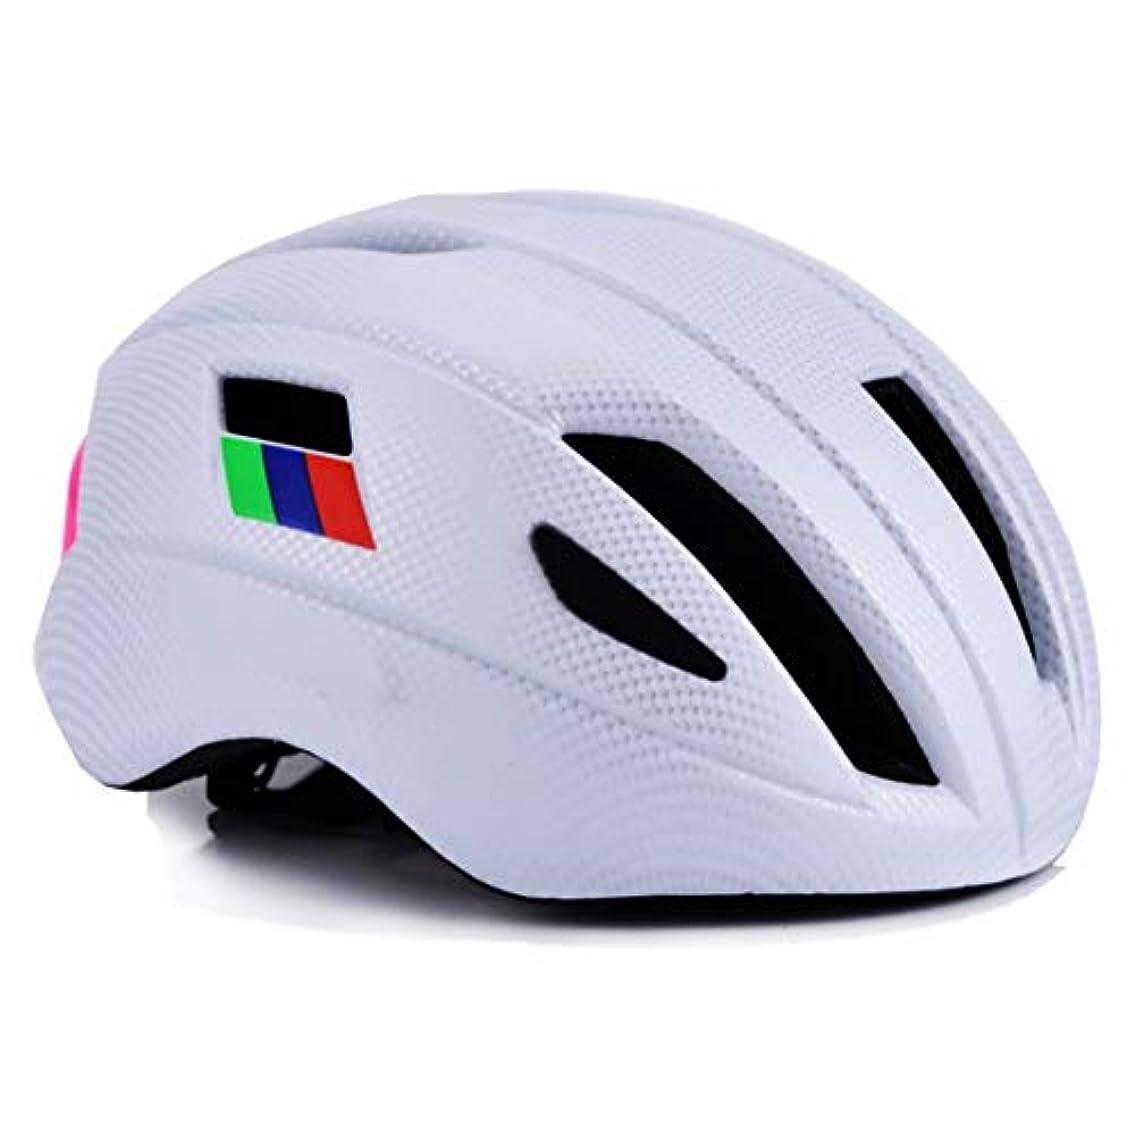 皿後ろに謝るワンピースヘルメット乗馬ヘルメット自転車ヘルメットマウンテンバイクヘルメット乗馬機器、昆虫ネット付きヘルメット